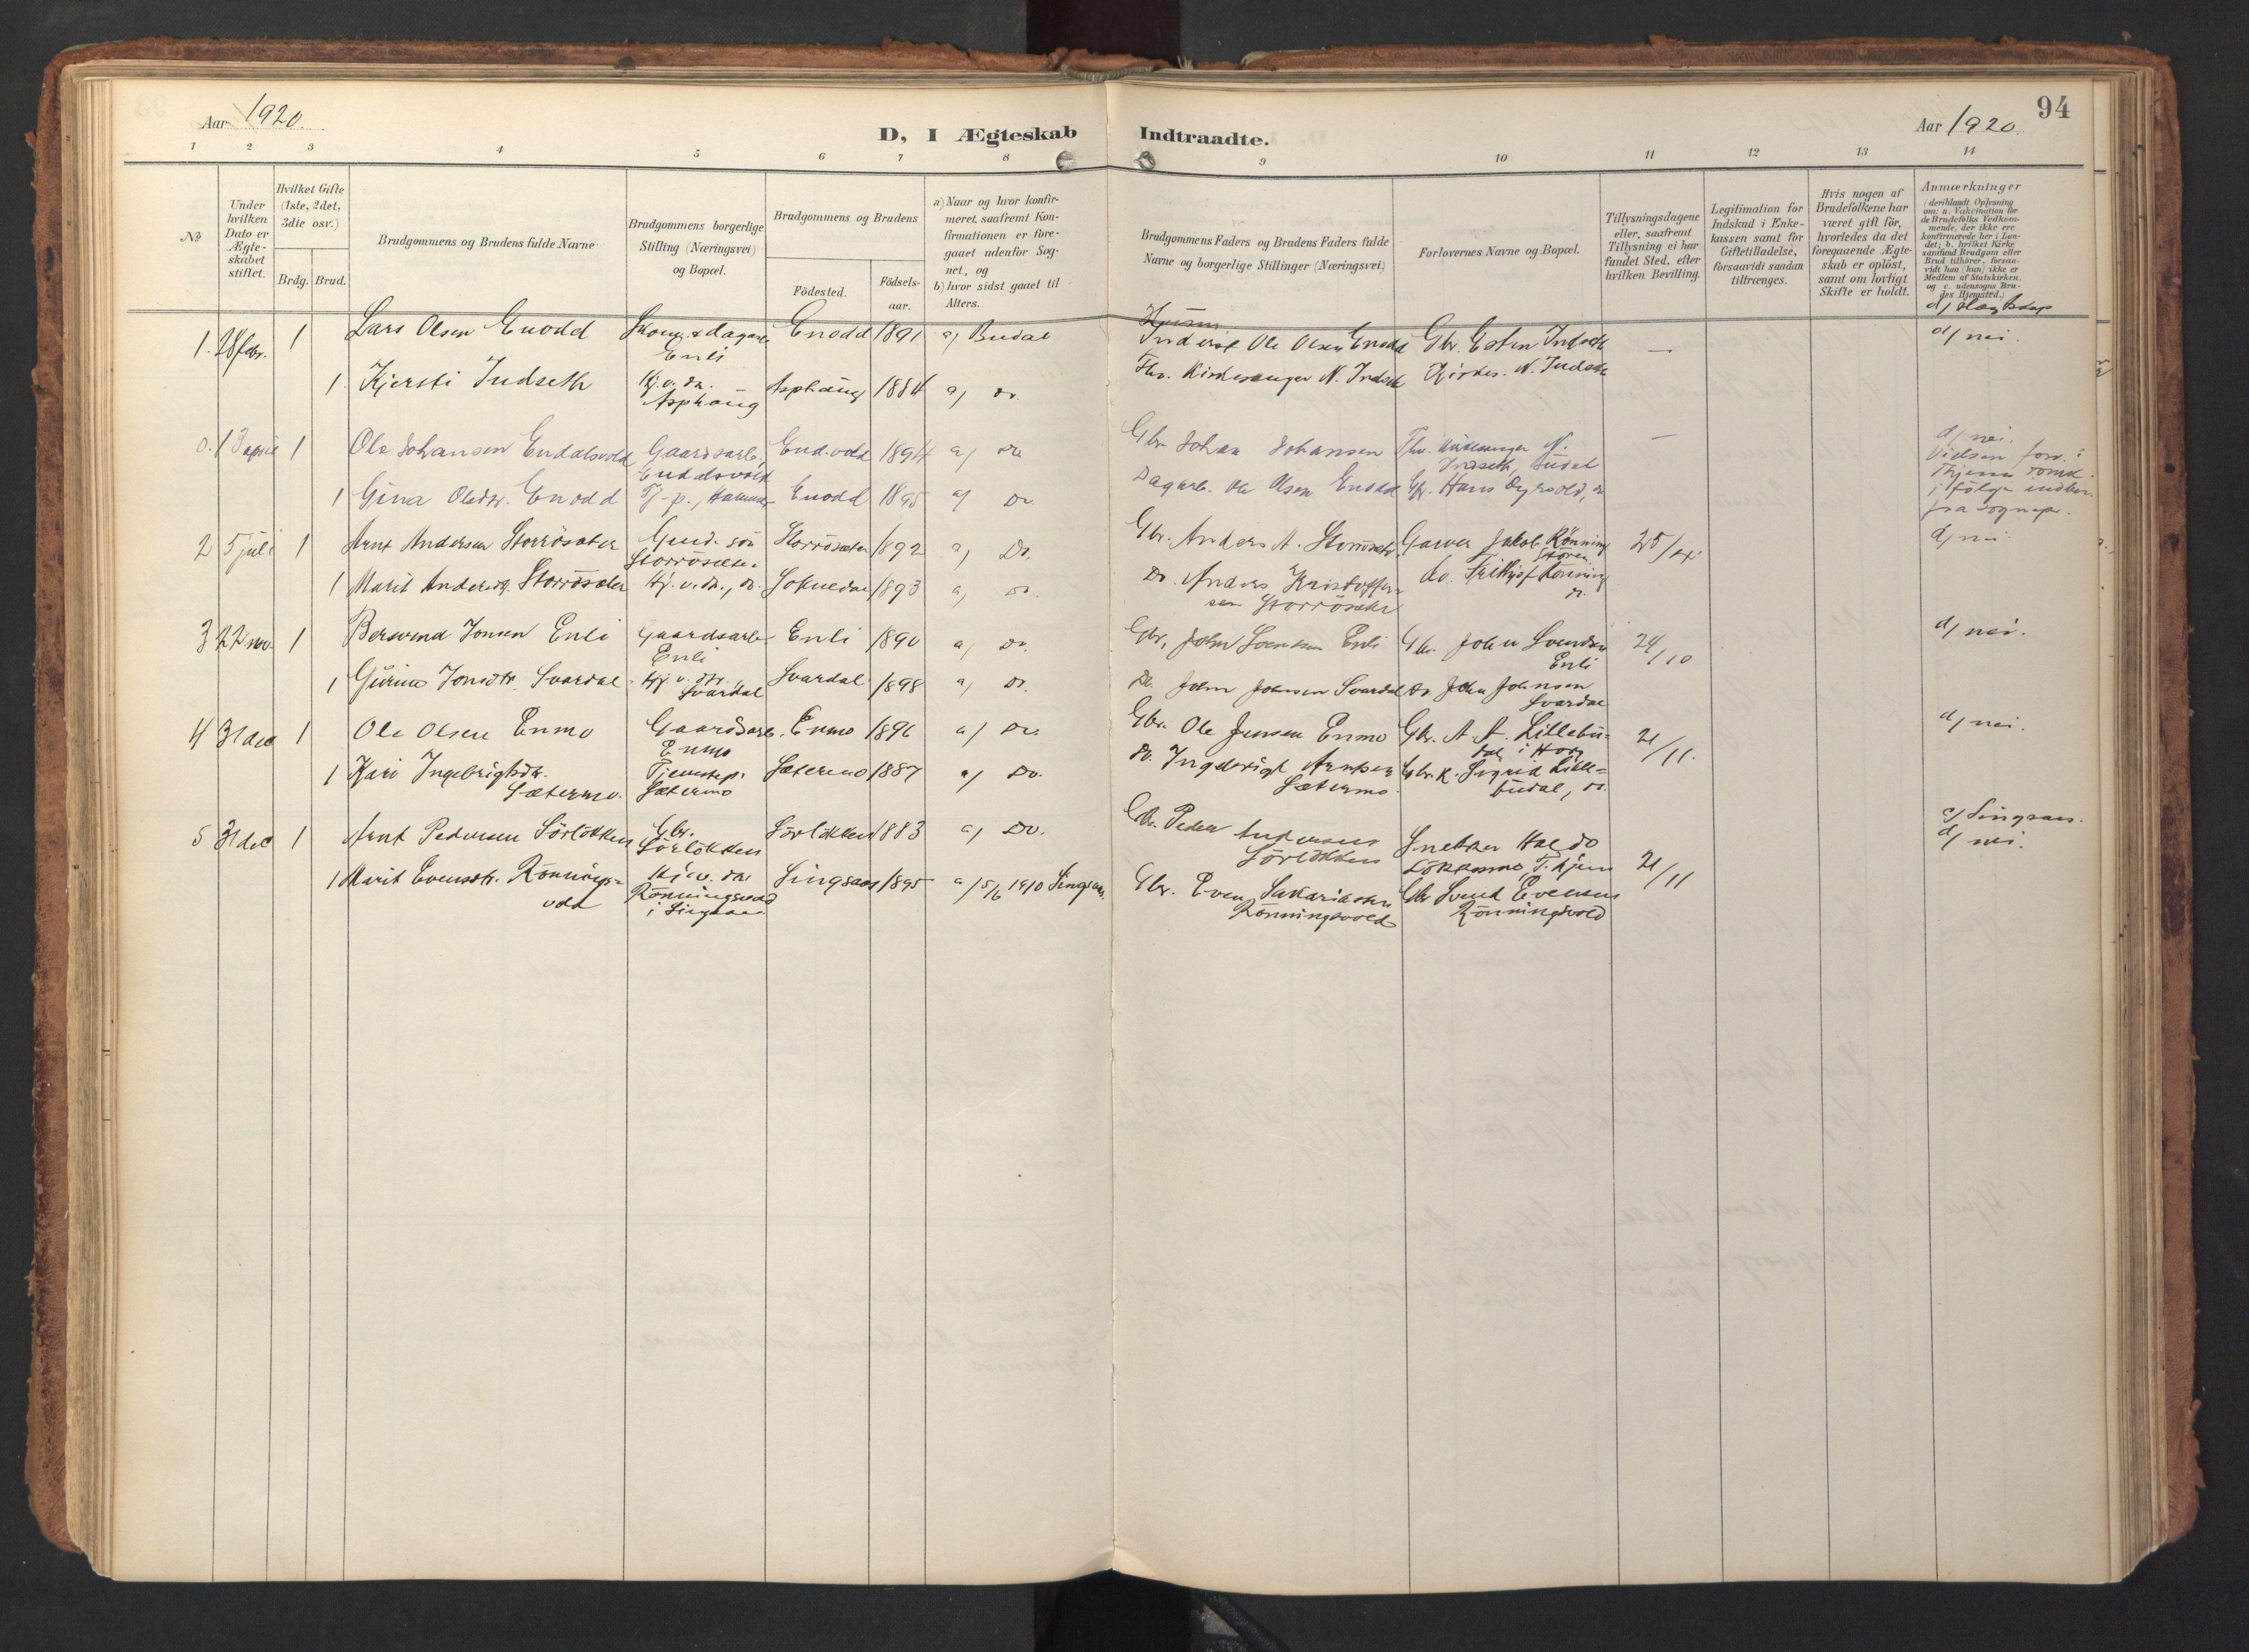 SAT, Ministerialprotokoller, klokkerbøker og fødselsregistre - Sør-Trøndelag, 690/L1050: Ministerialbok nr. 690A01, 1889-1929, s. 94